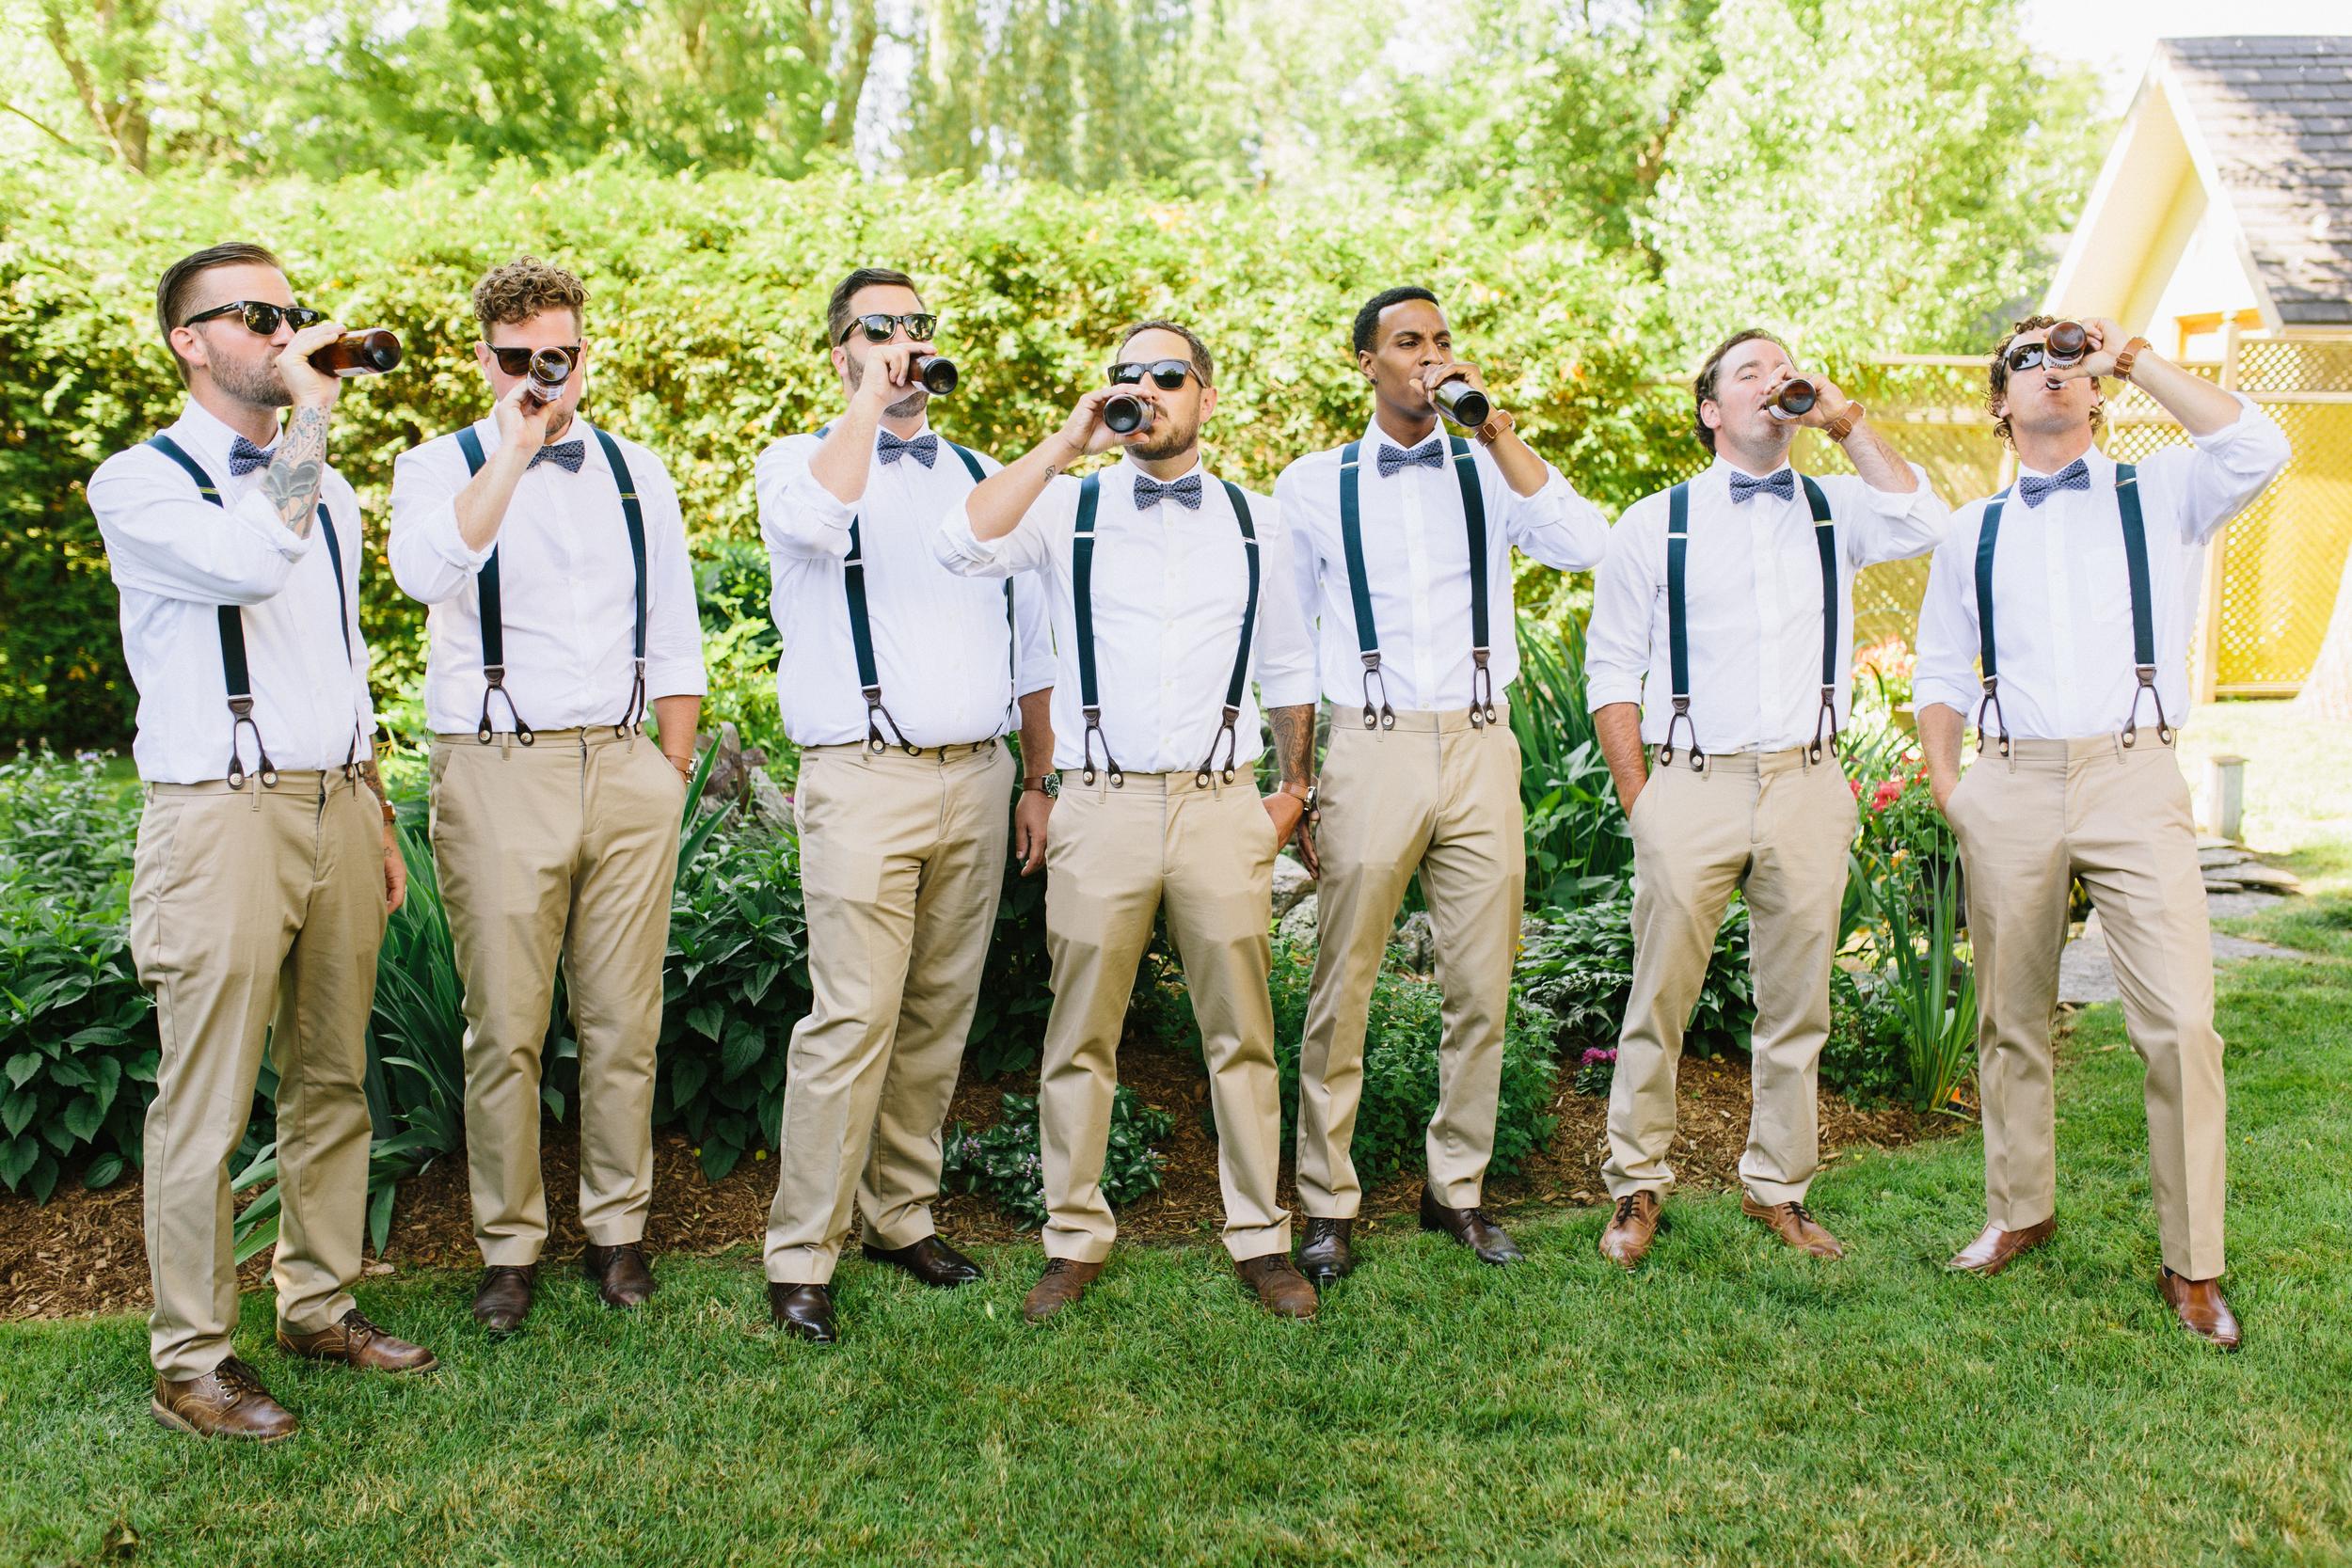 michael-rousseau-photography-shannae-ingleton-wedding-sean-craigleith-ski-club-wedding014.jpg